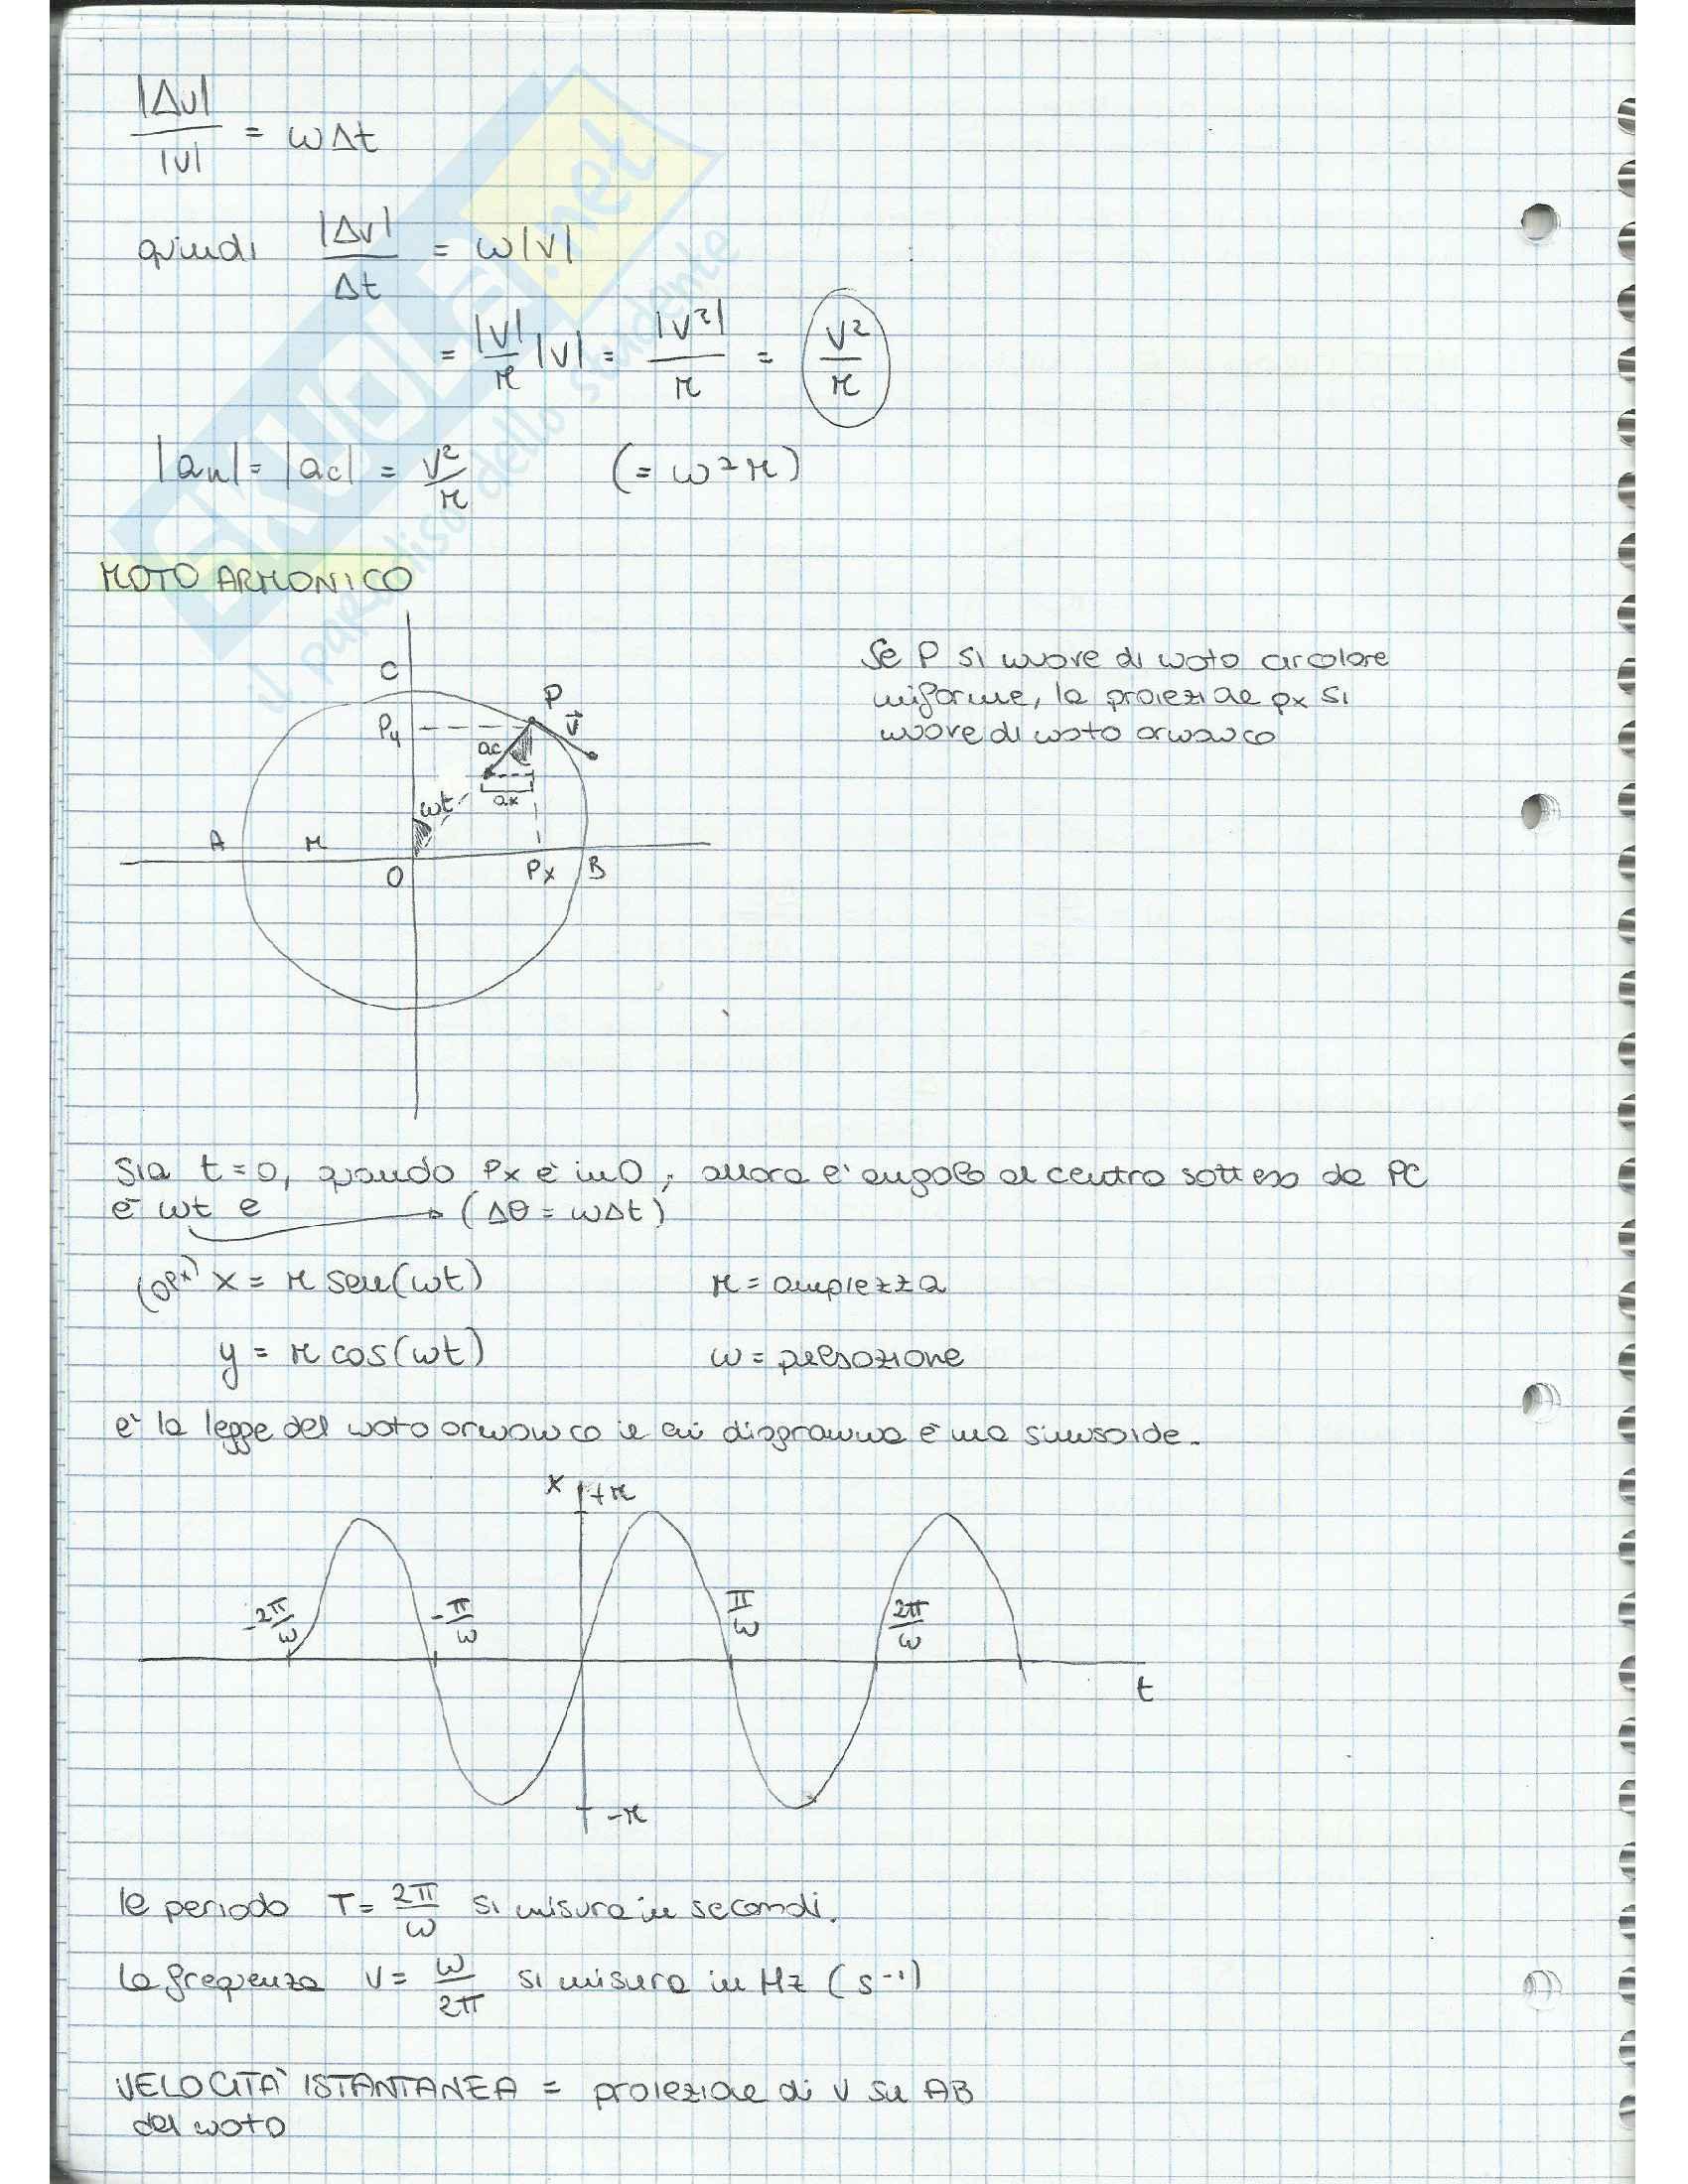 Appunti di Fisica Applicata (cinematica, dinamica, moto circolare, gravitazione, lavoro, quantità di moto, moto rotatorio, equilibrio) Pag. 16